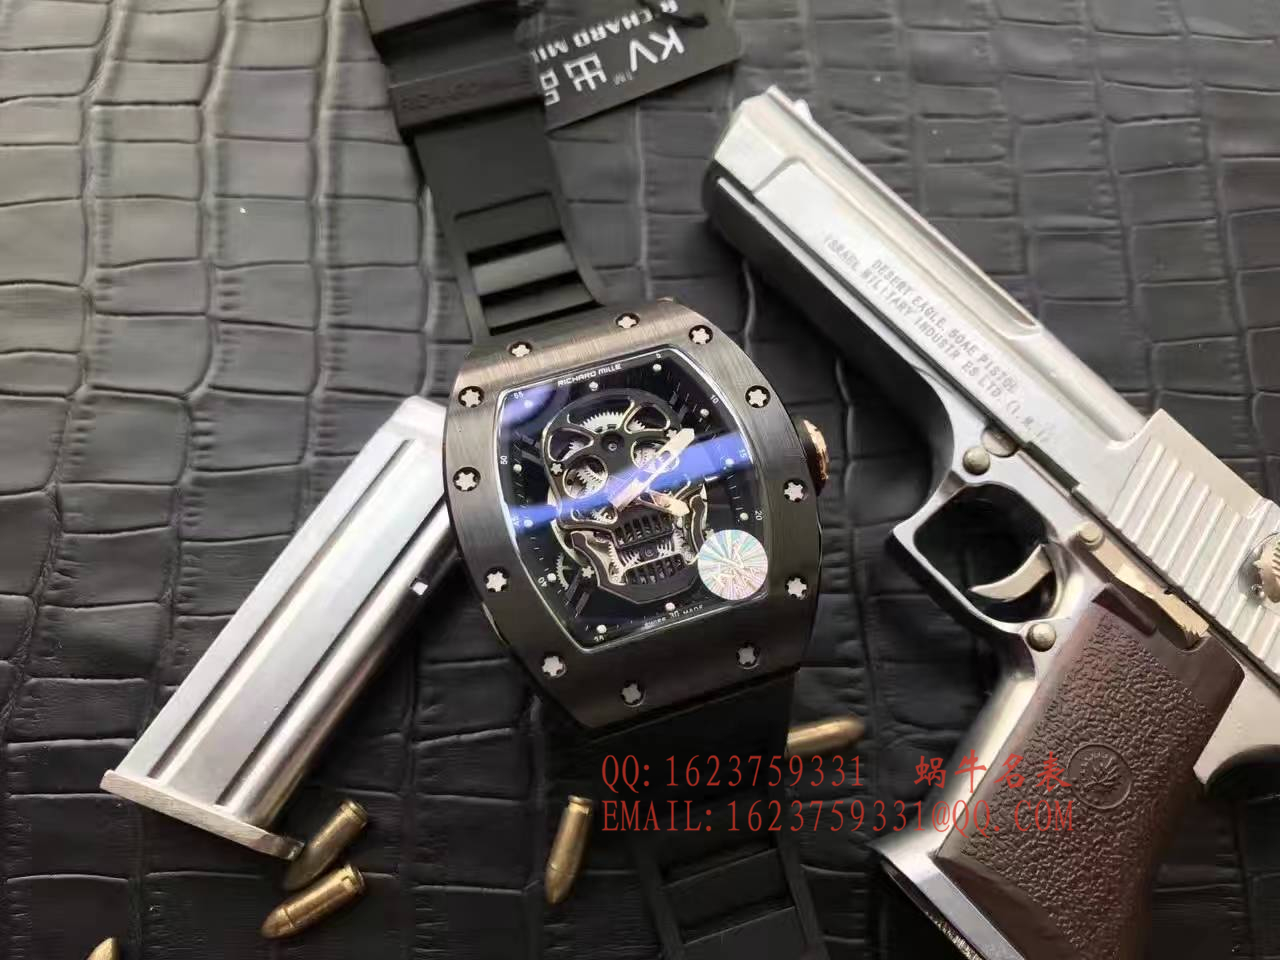 【视频解析】1:1超A精仿KV厂出品顶级版理查德米勒骷髅头RM 52系列手表 / R007